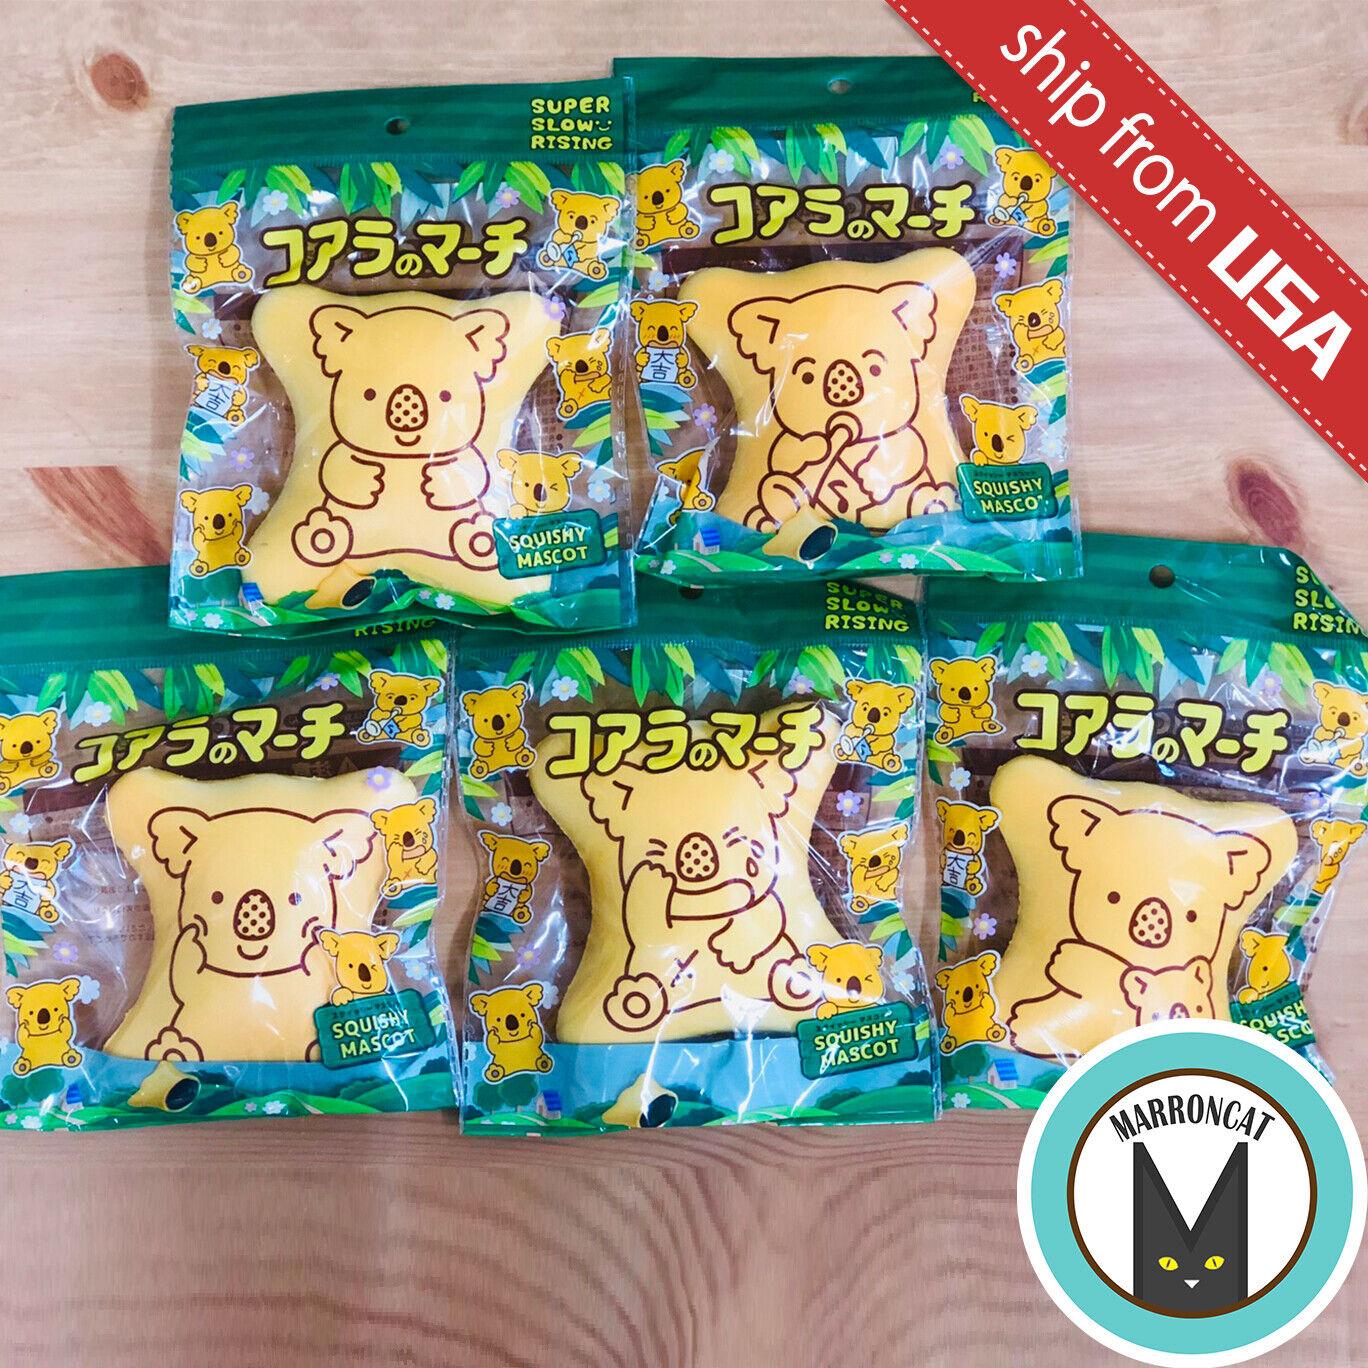 1x japan lotte koala s march cookies